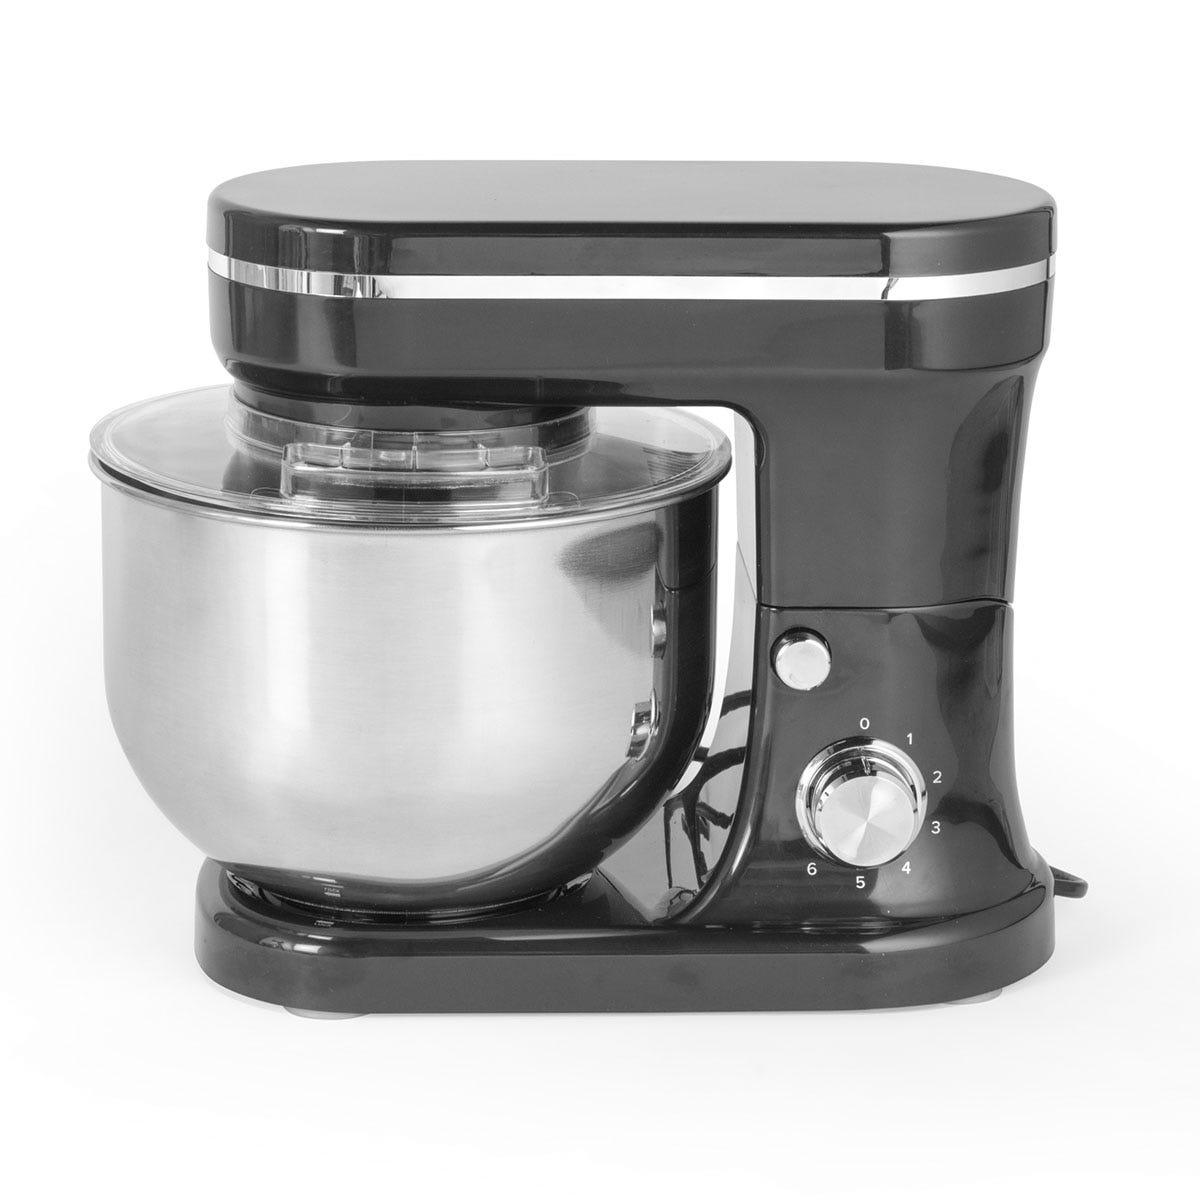 Salter 1200W 5L Stand Mixer - Black